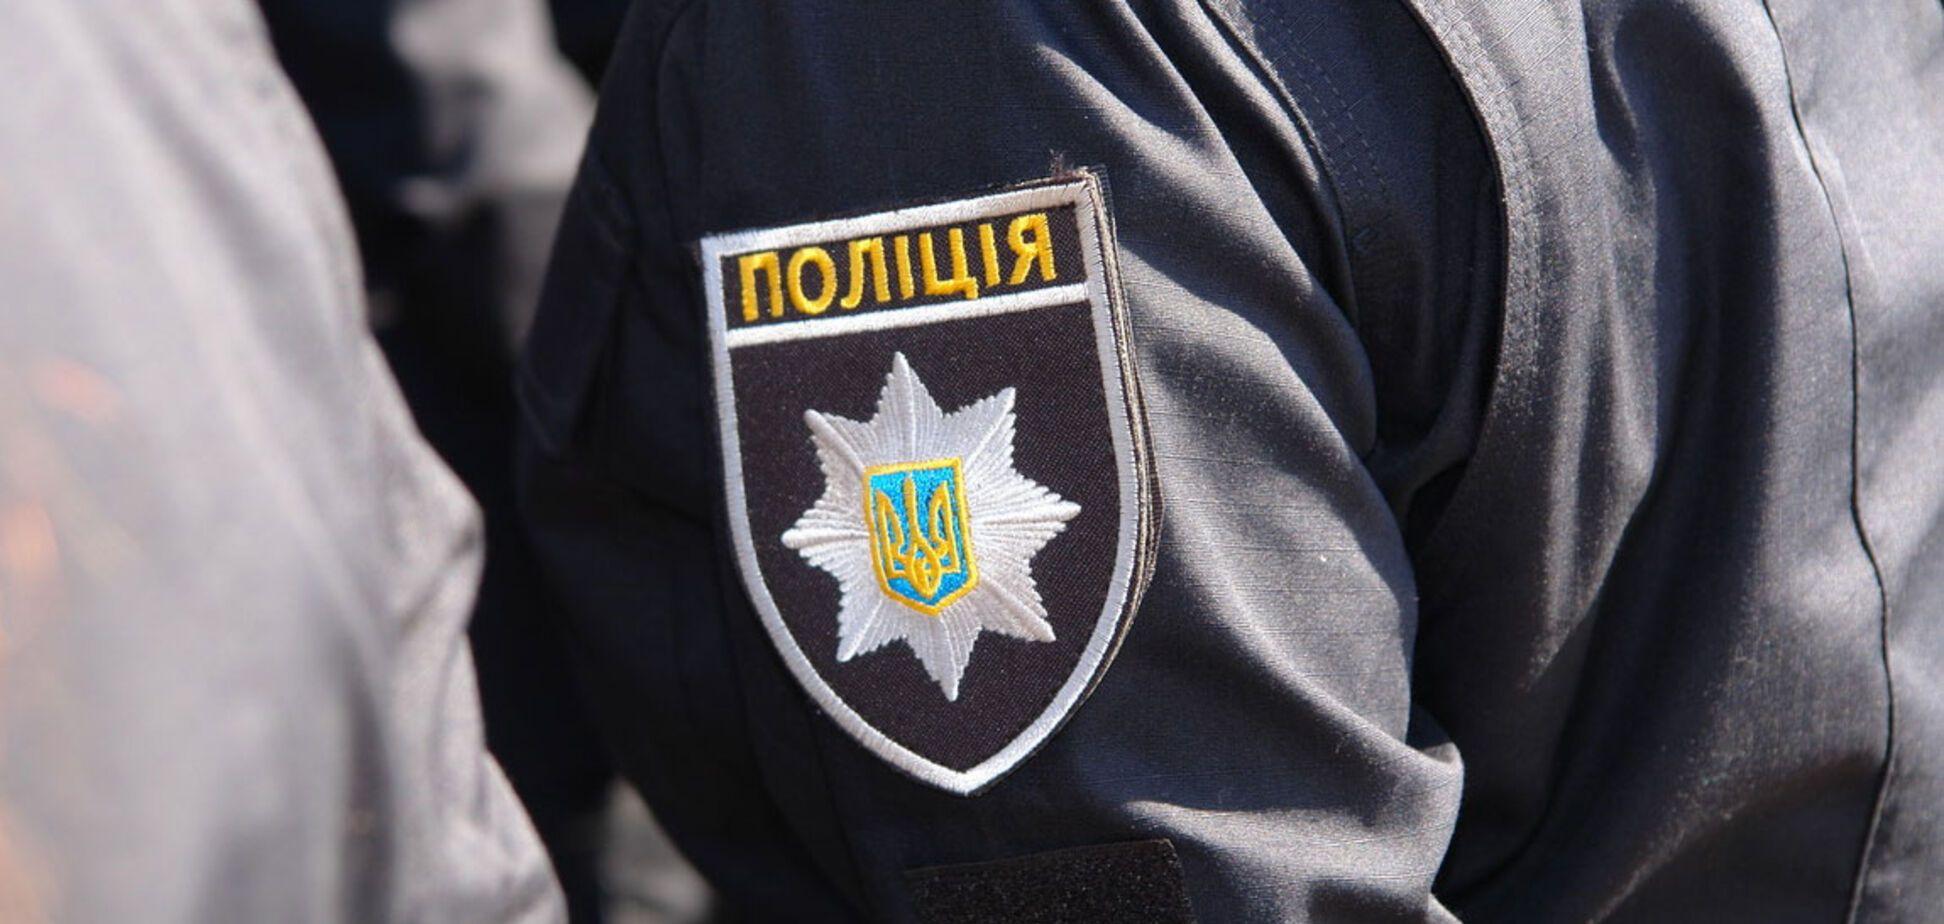 У лісі на Львівщині знайшли мертвою 9-річну дівчинку: перші деталі трагедії